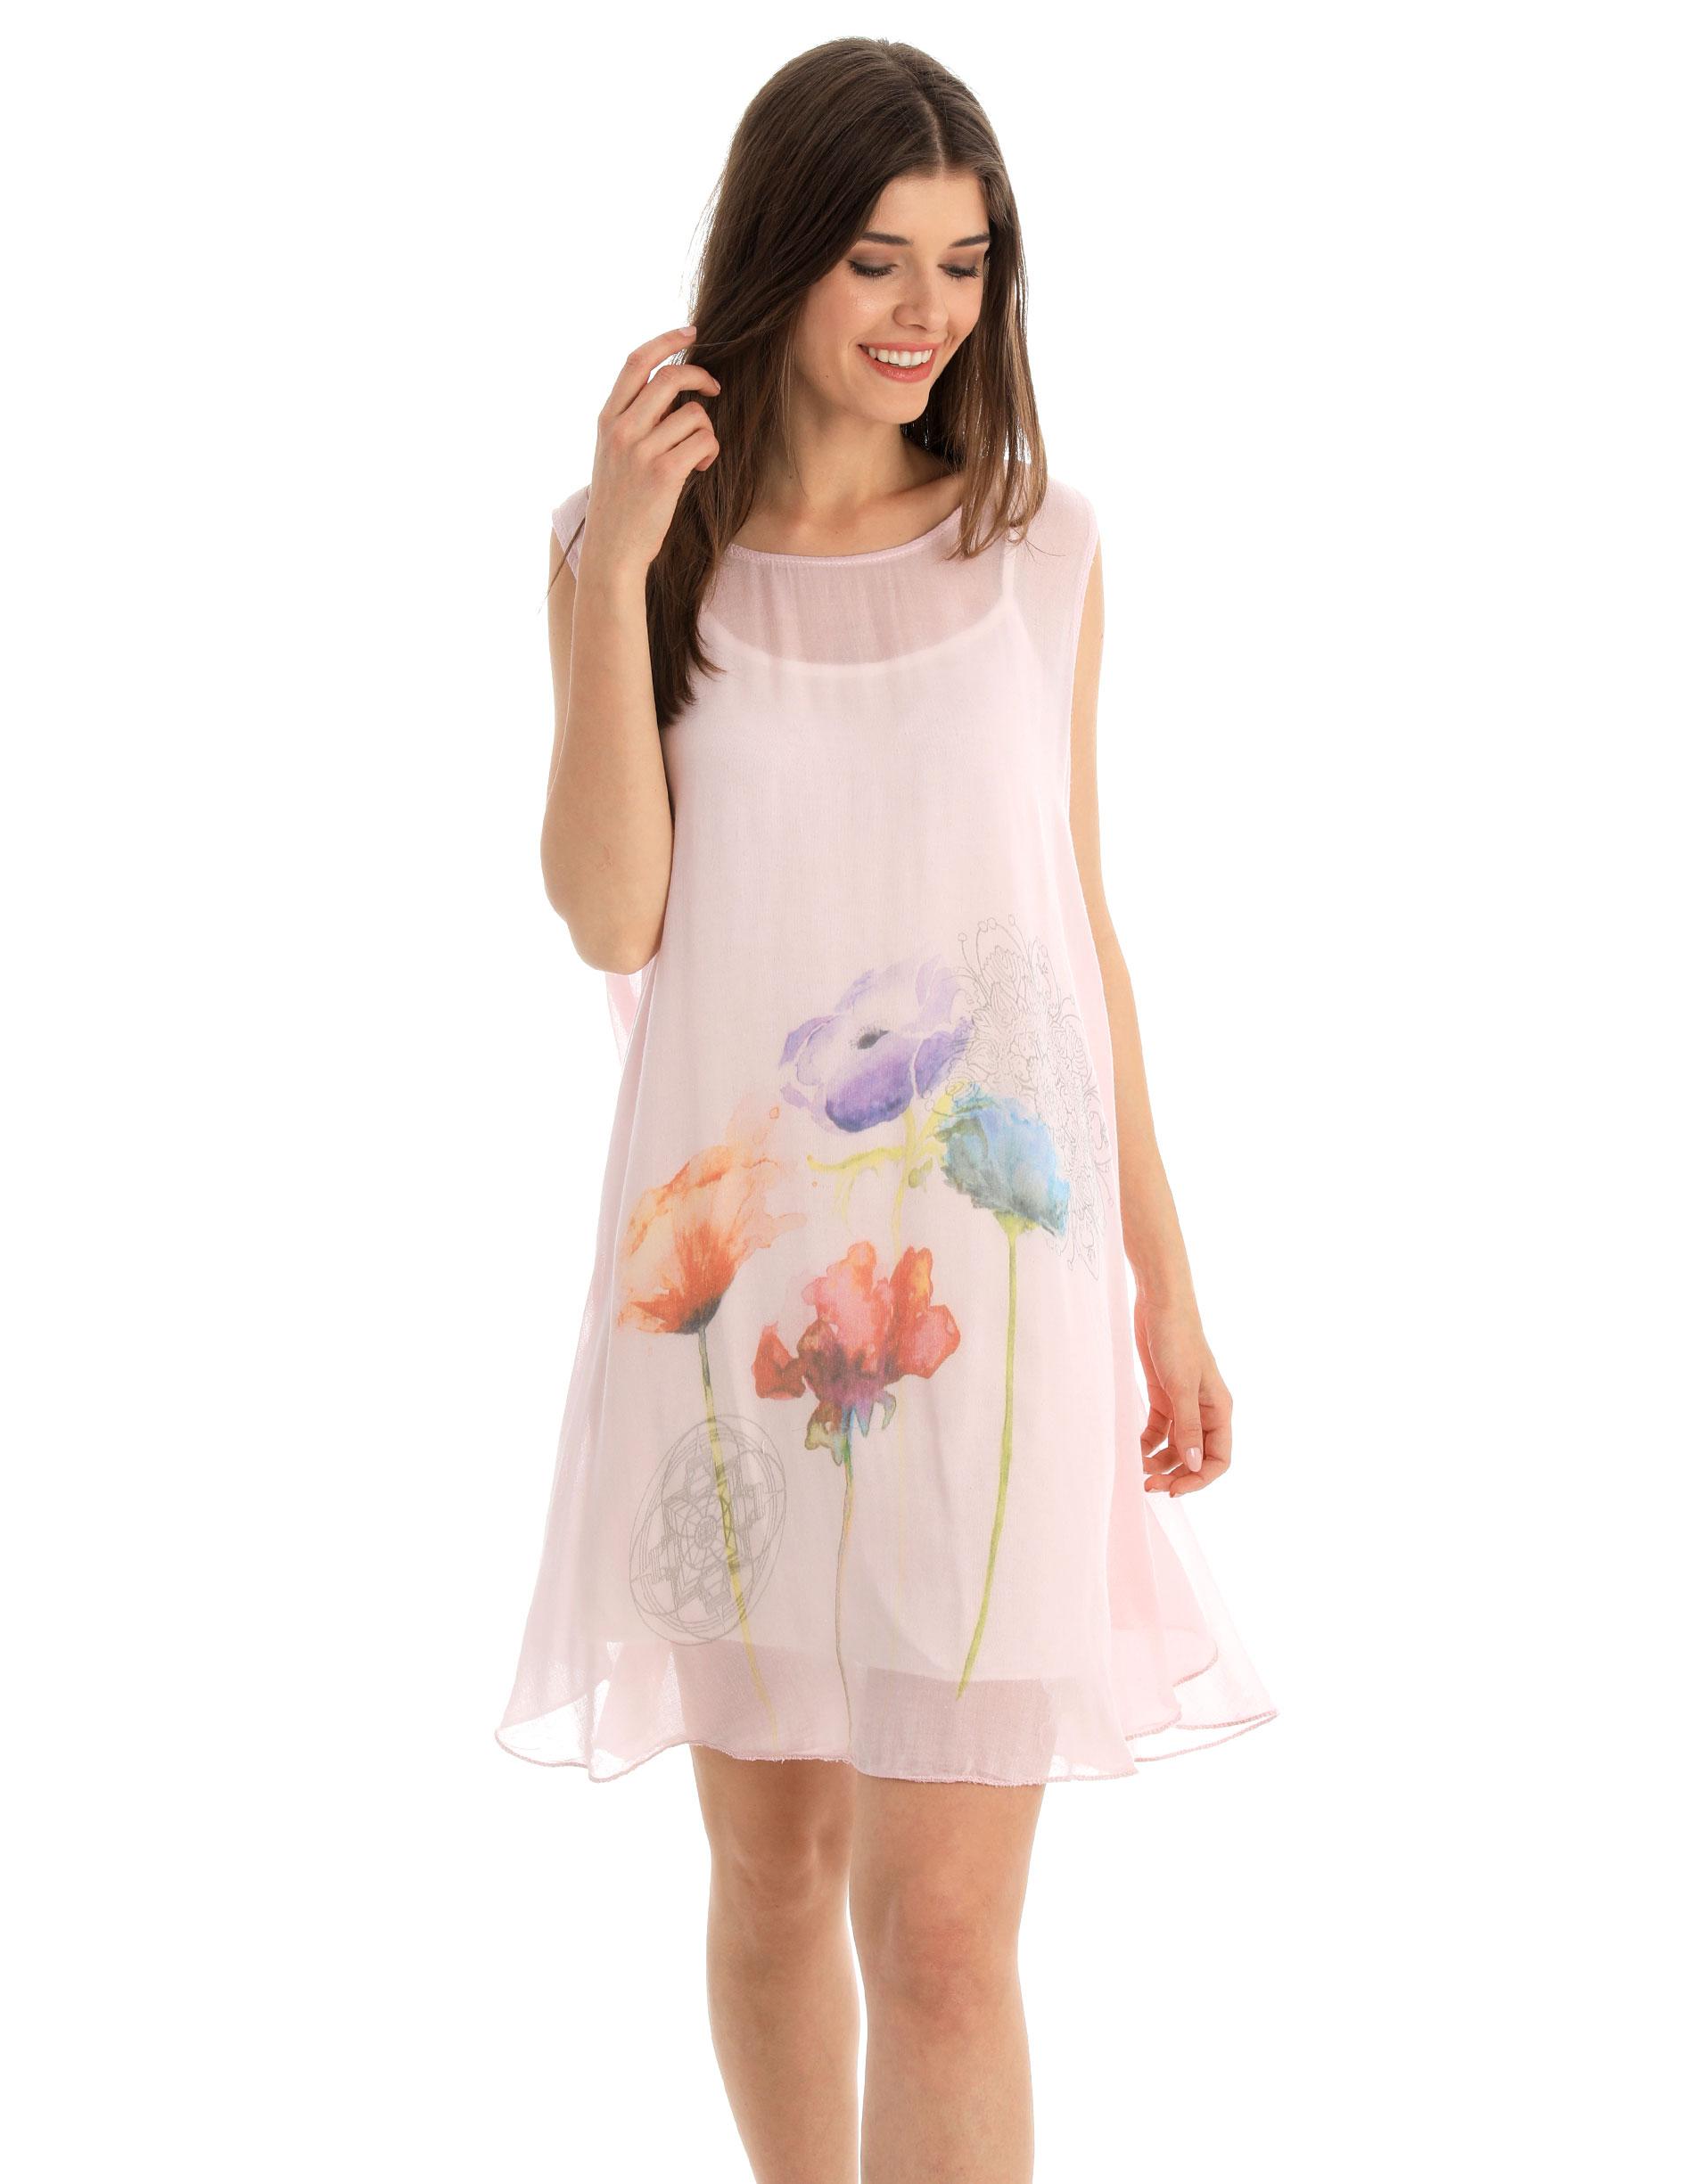 Sukienka - 32-B710 ROSA - Unisono